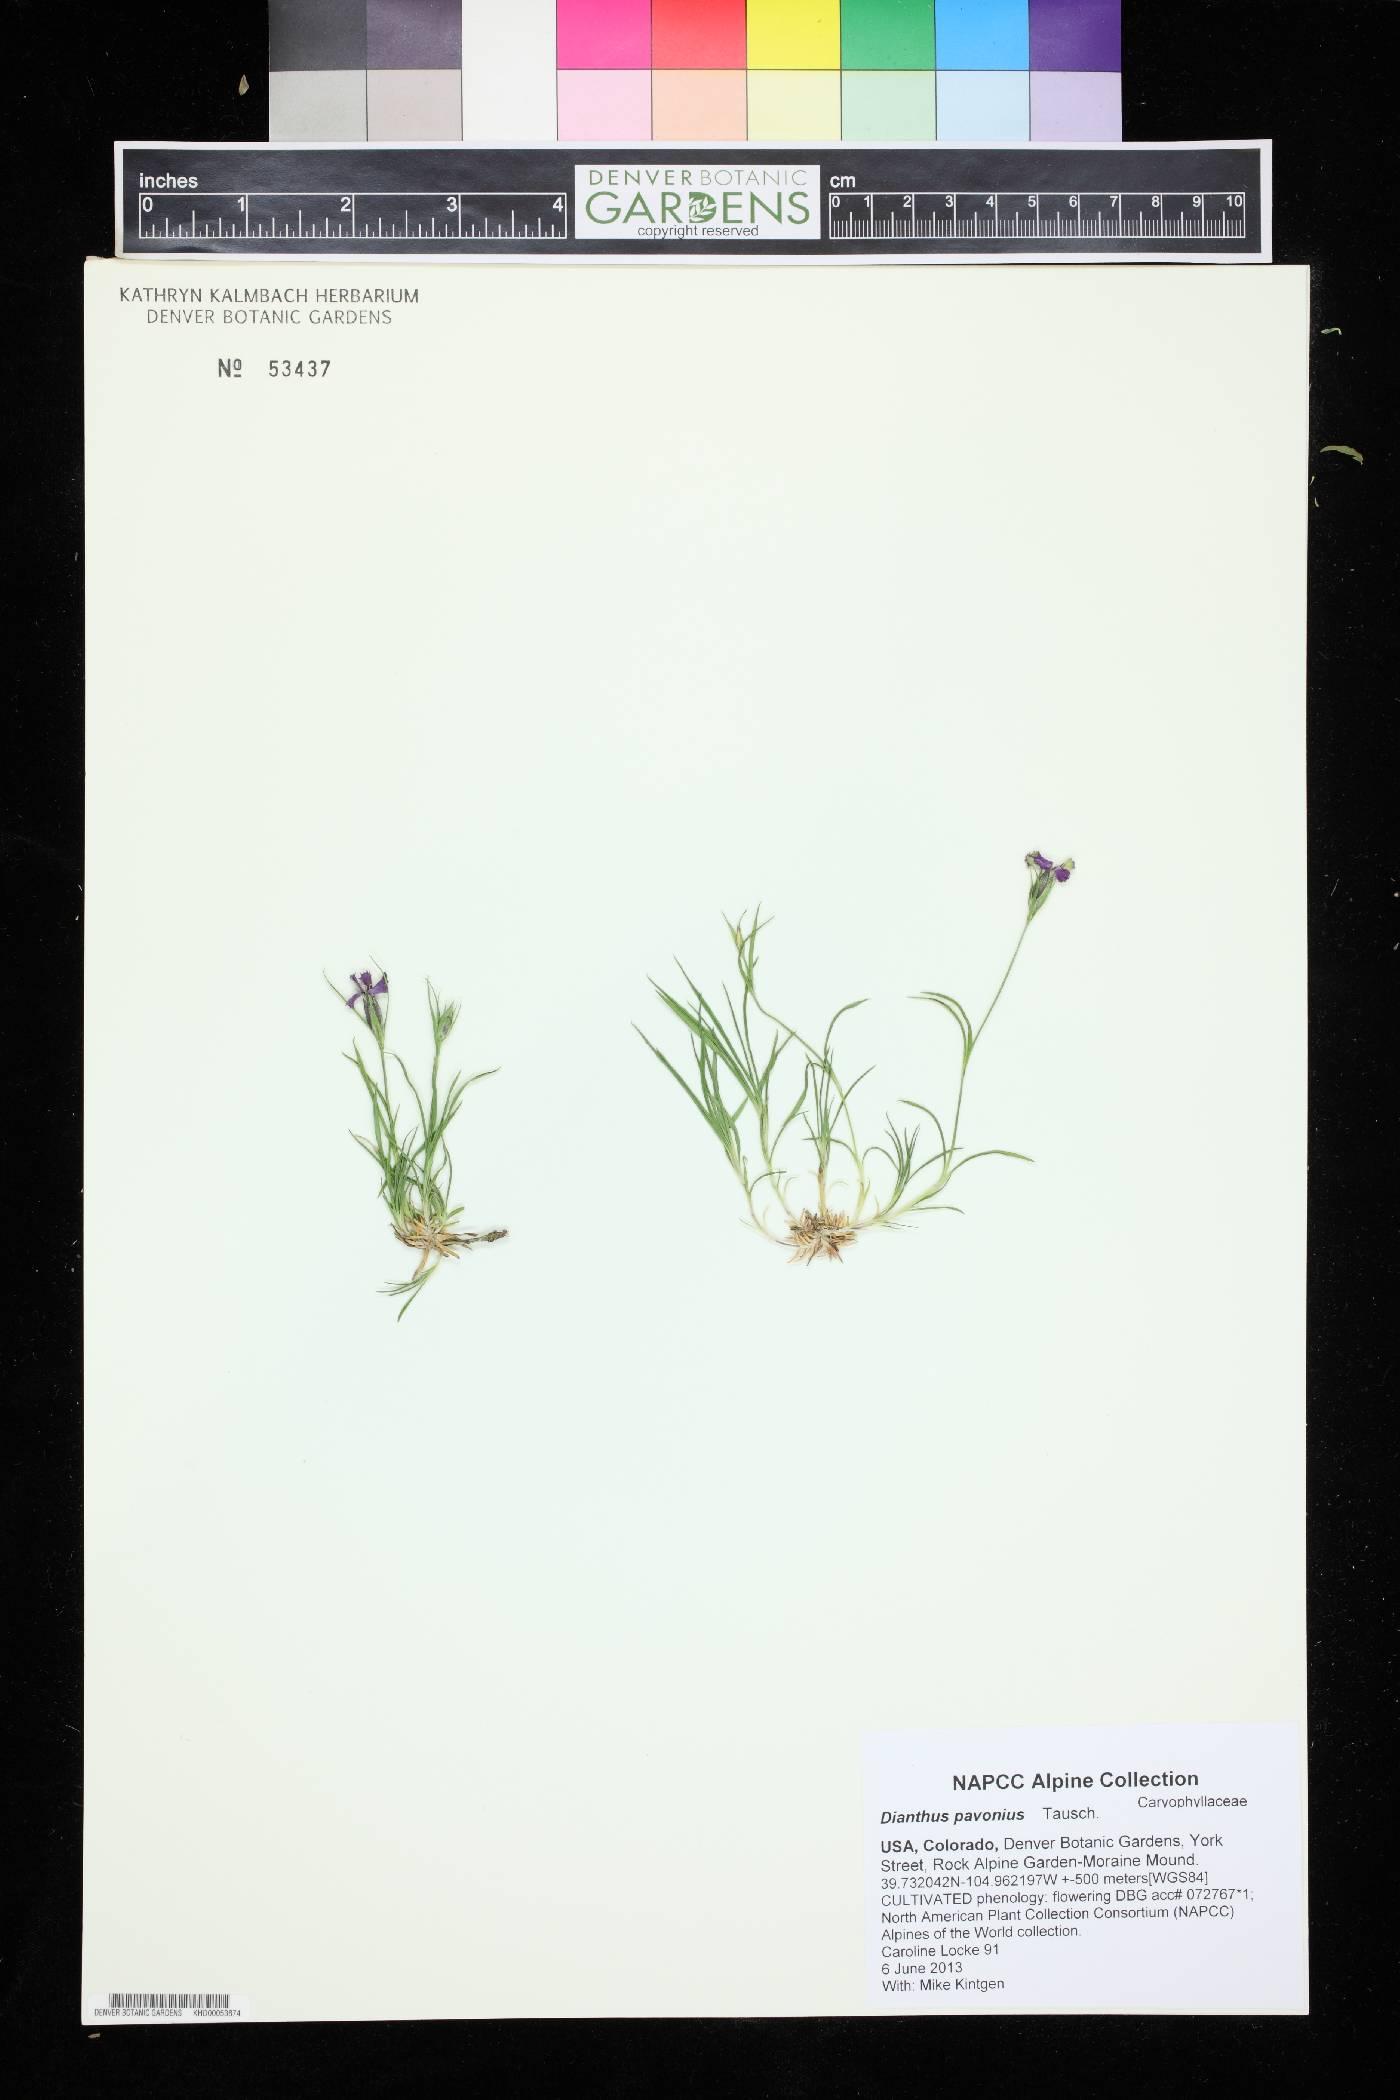 Dianthus pavonius image